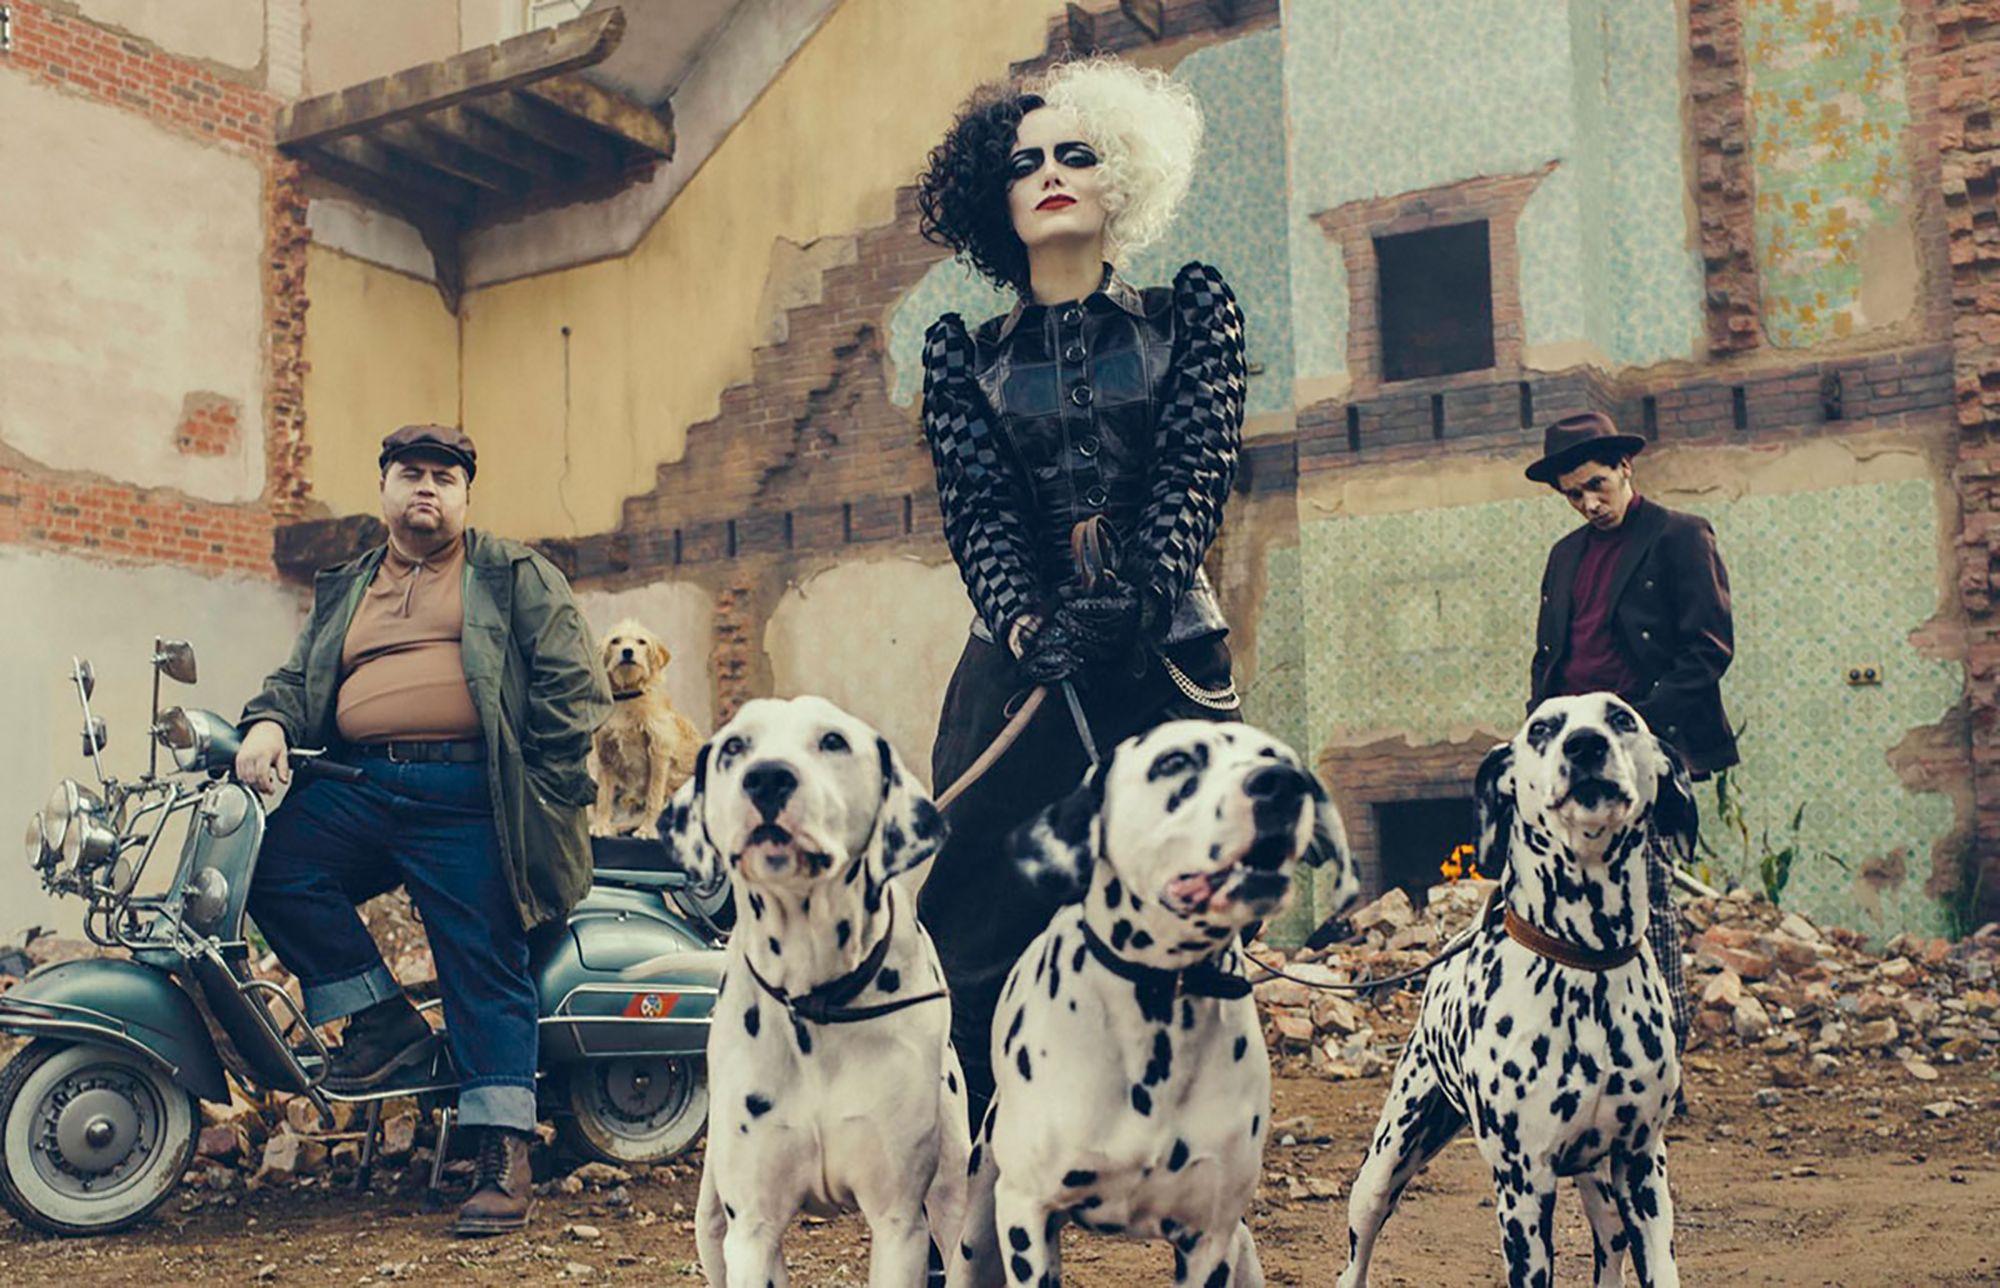 Emma Stone es Cruella, en el nuevo largometraje de acción real sobre la villana Disney.